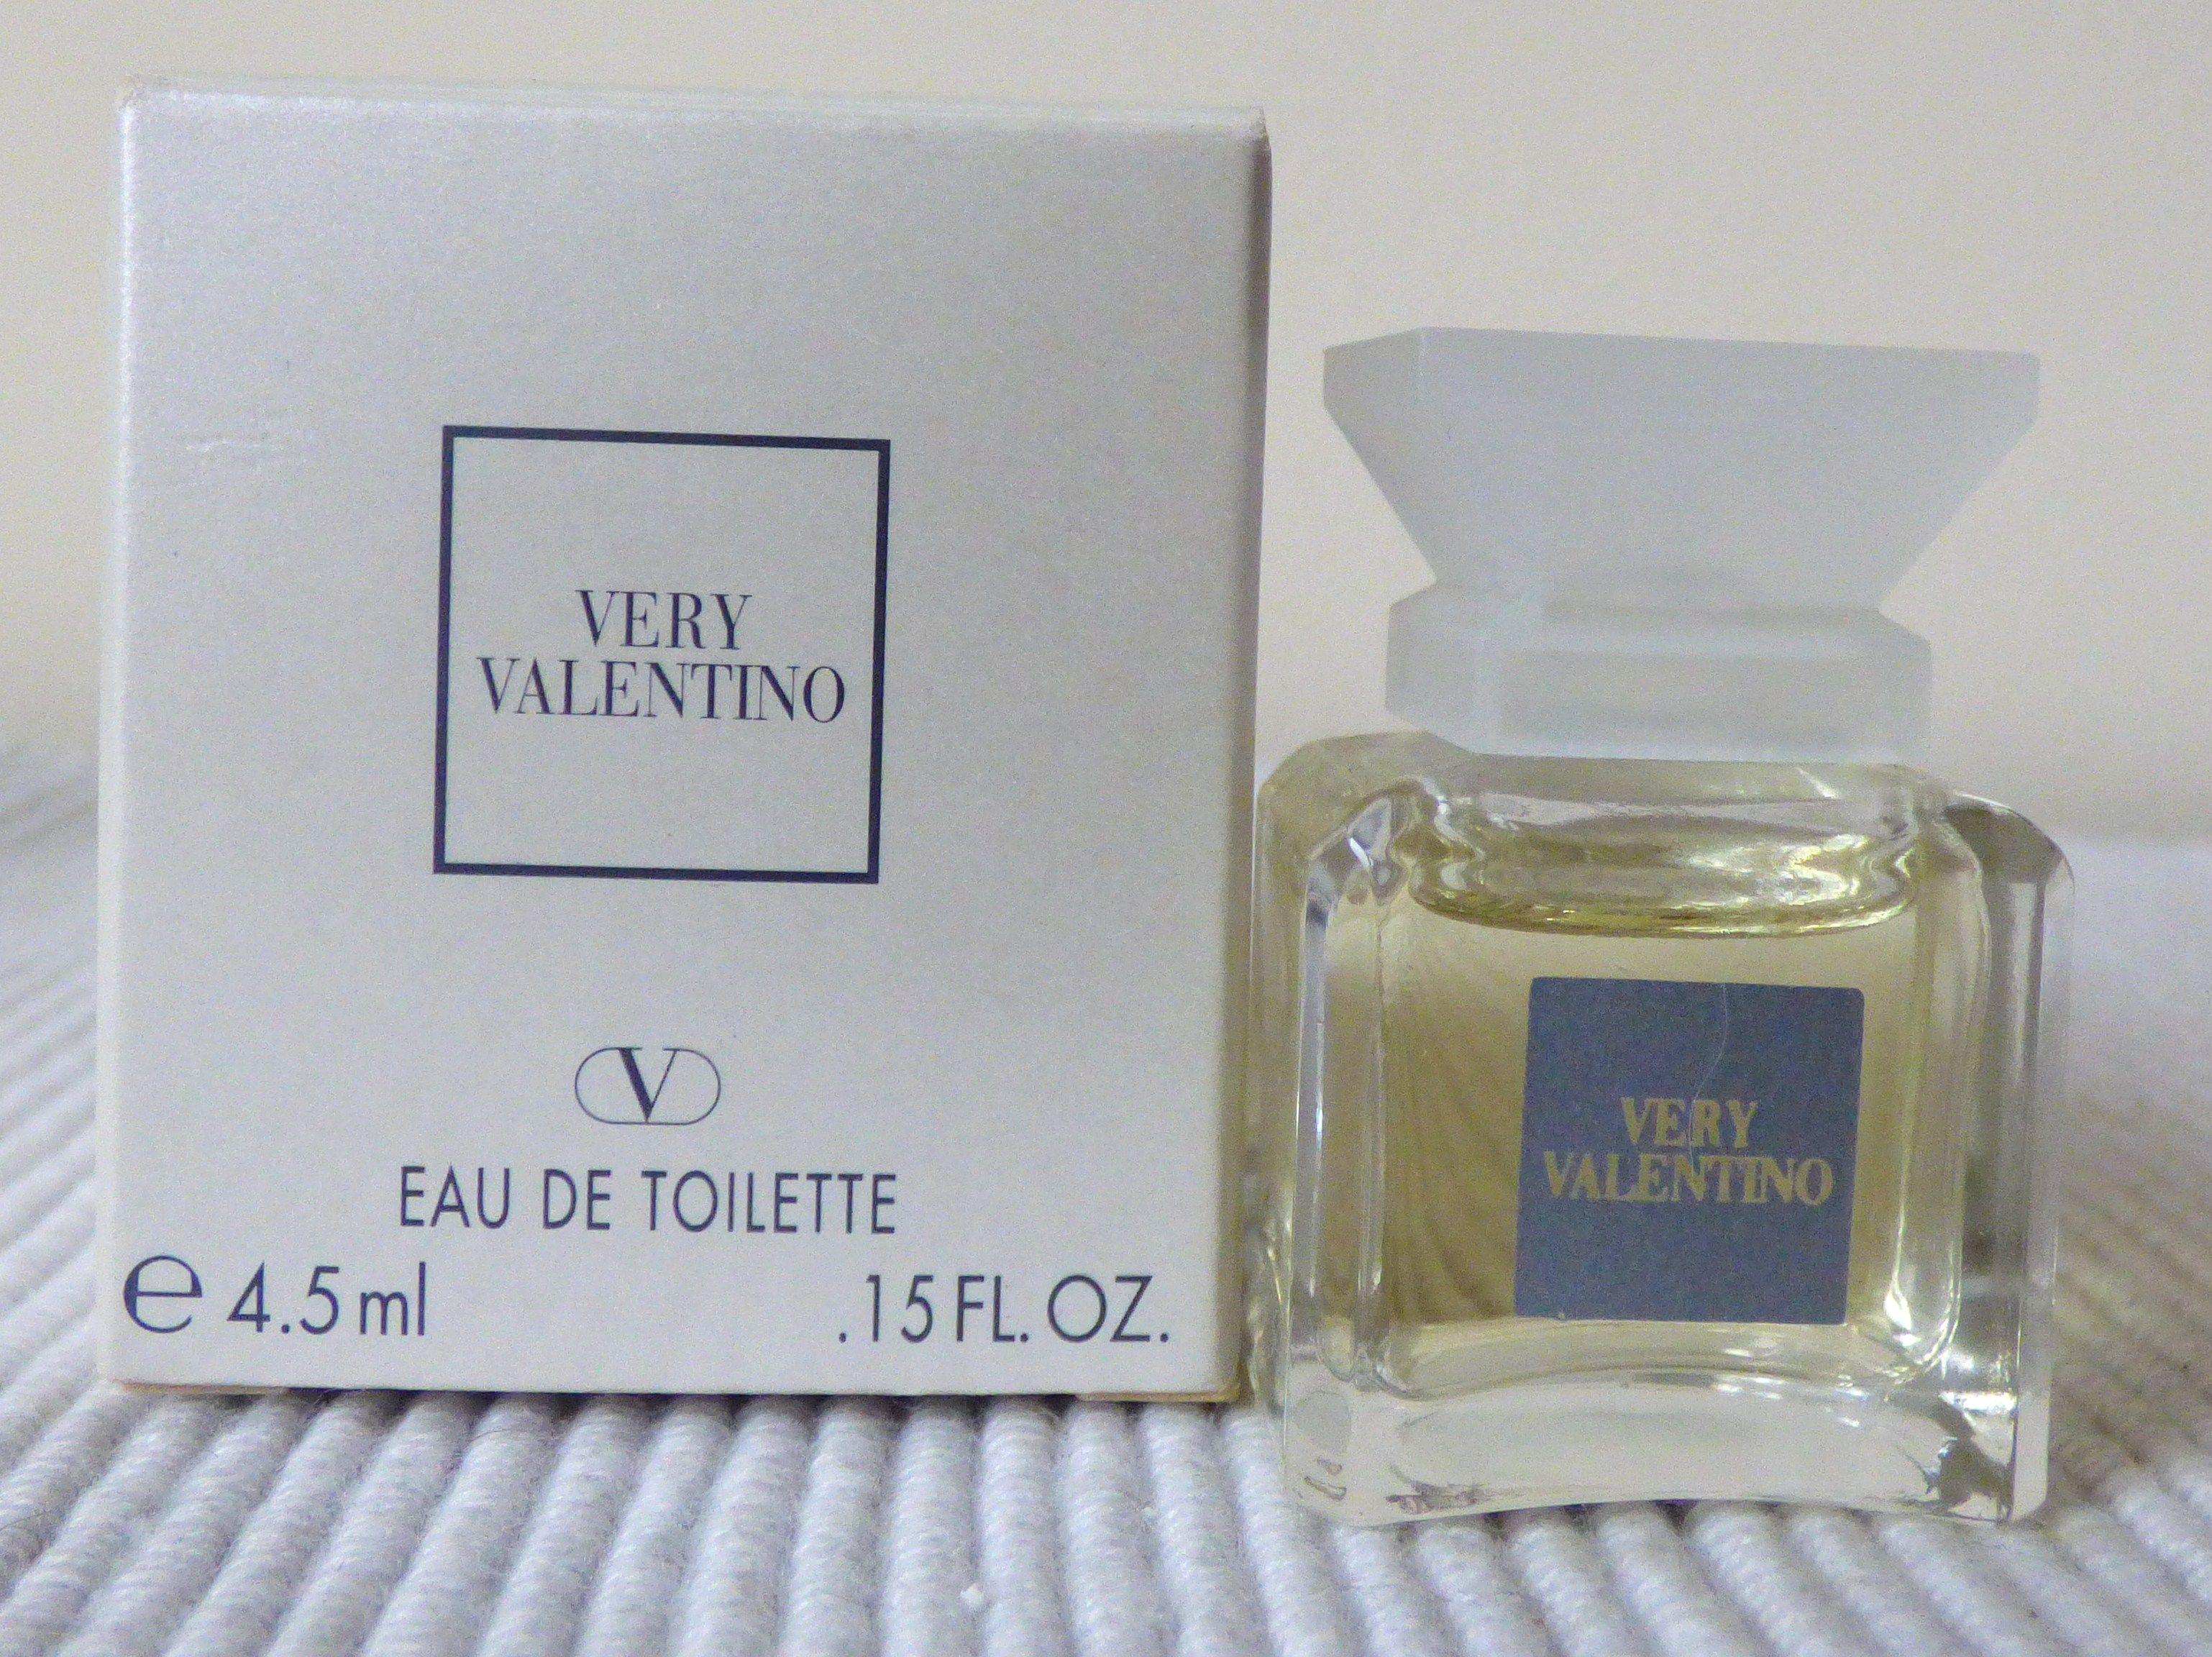 Very Avec Toilette Ml 5 BoîtePerfumes ValentinoEau 2019 In De 4 kPn08wO